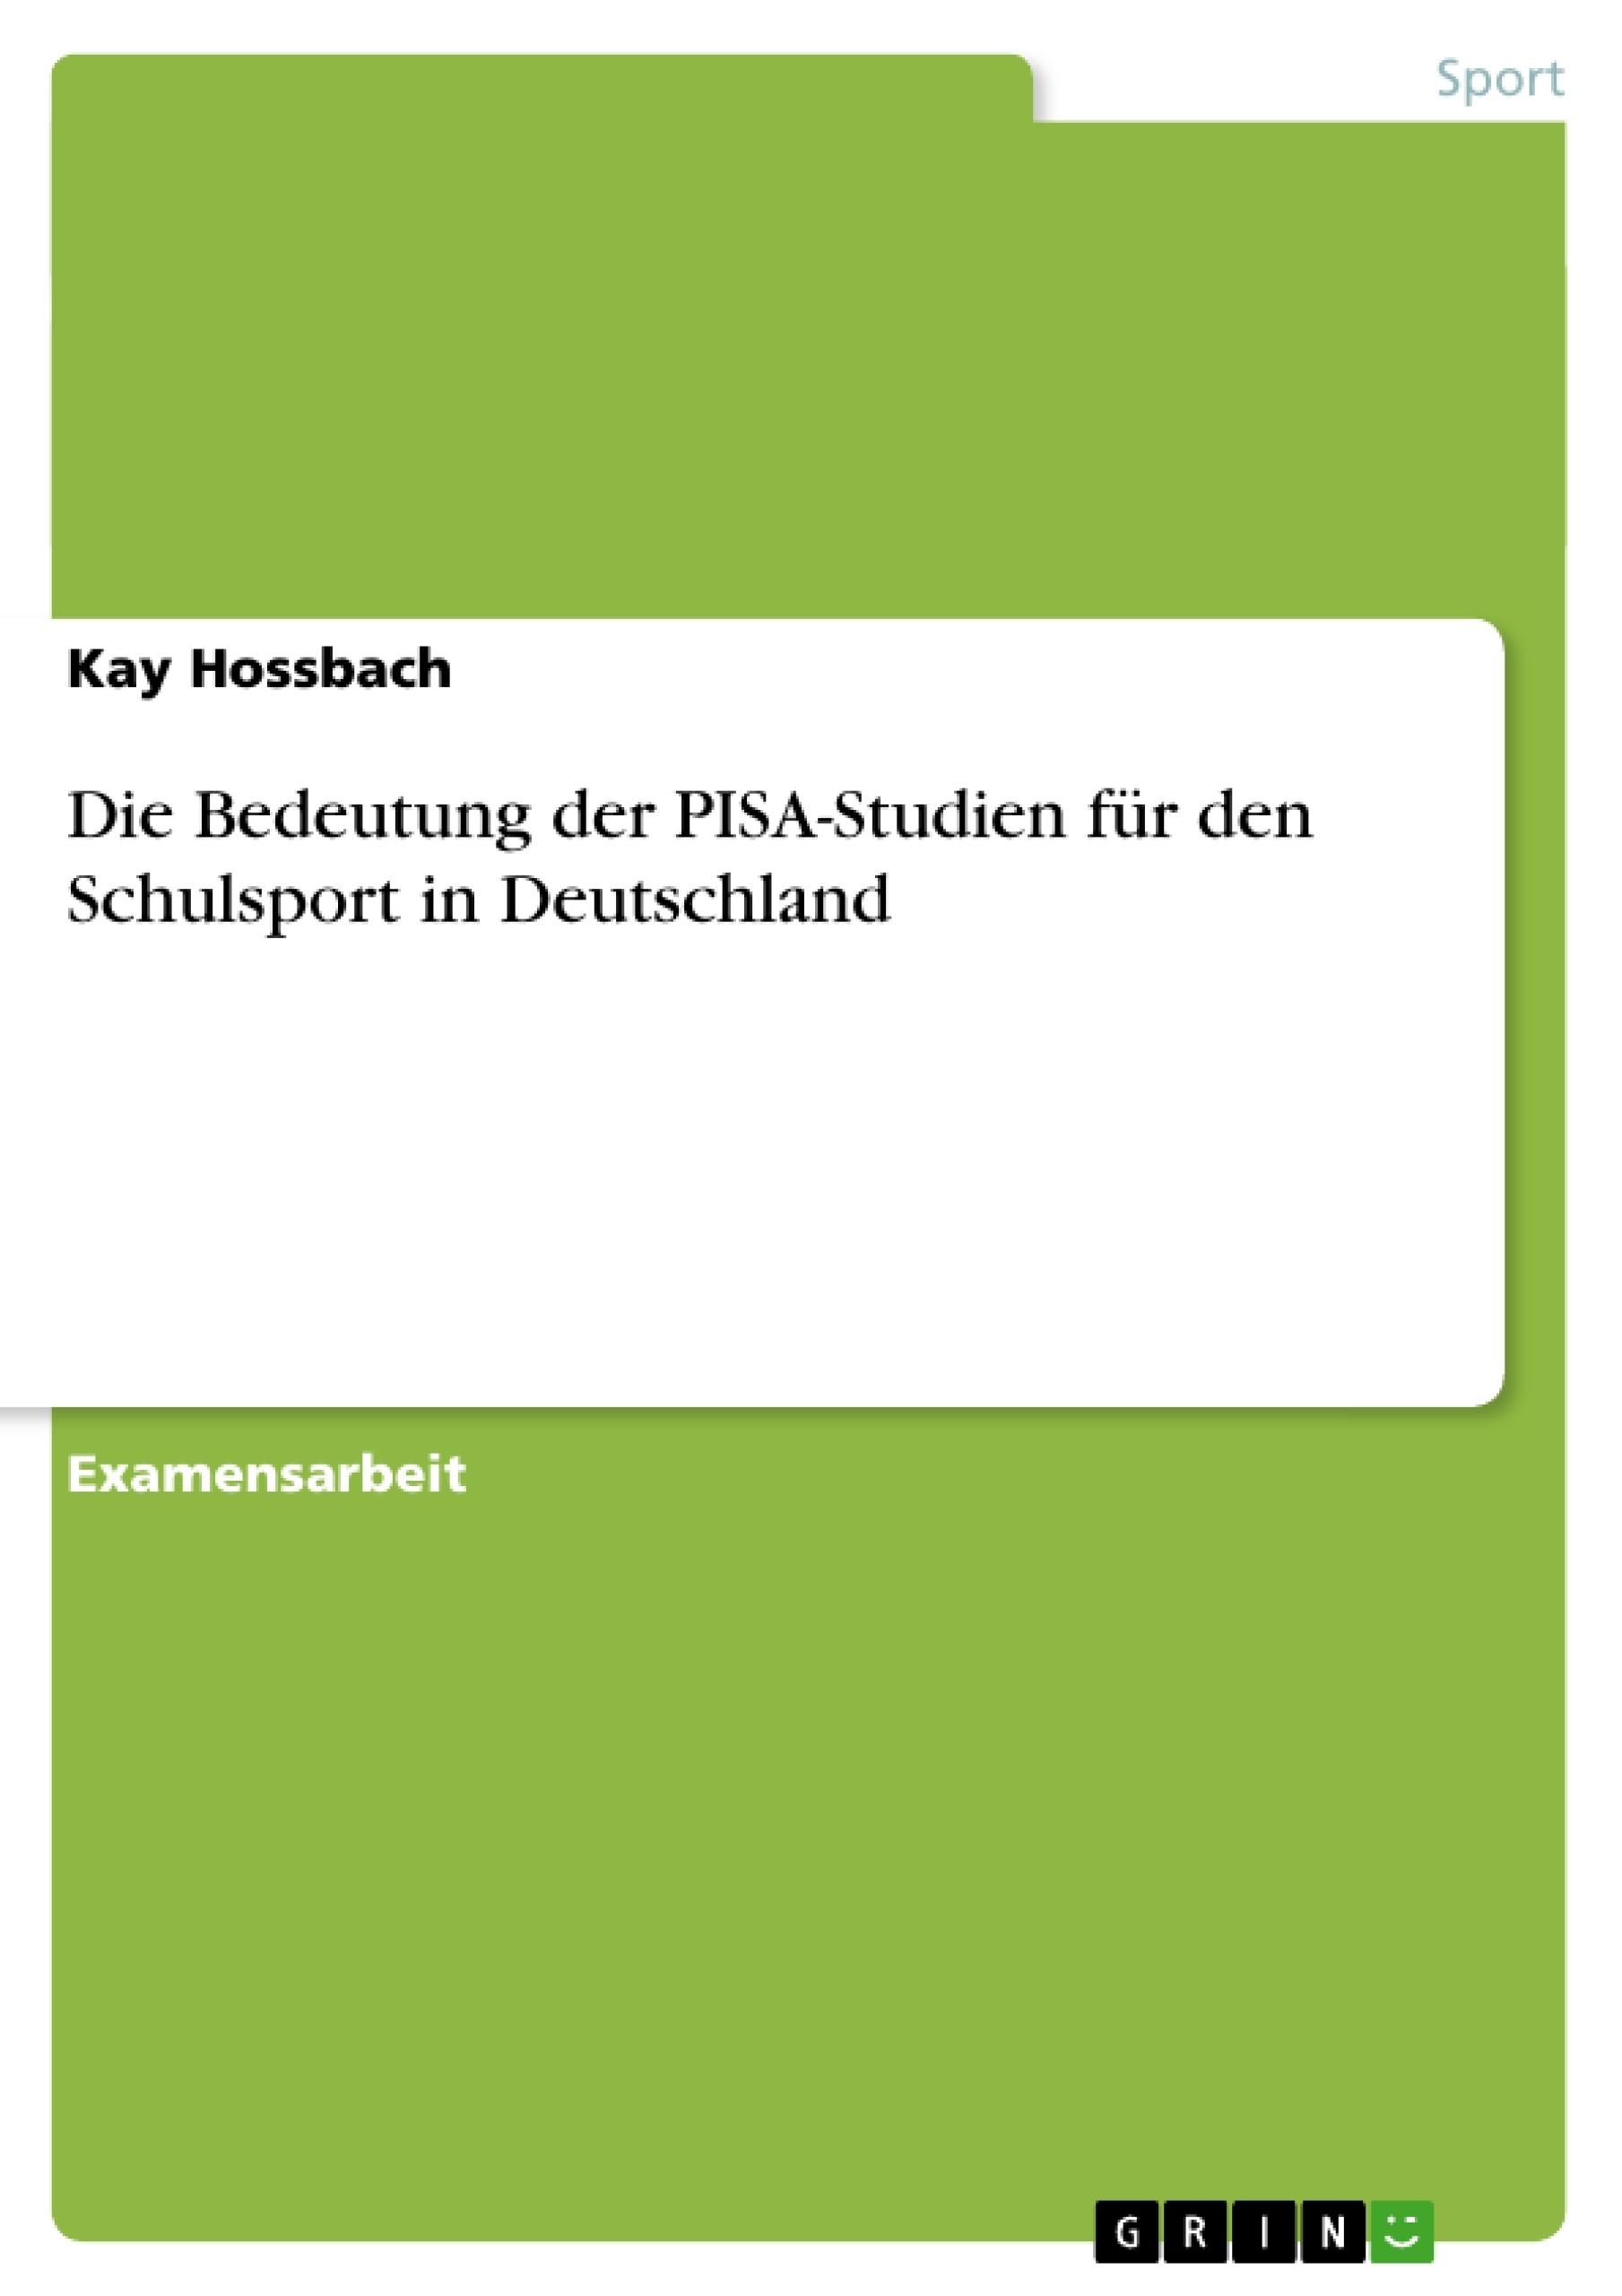 Titel: Die Bedeutung der PISA-Studien für den Schulsport in Deutschland